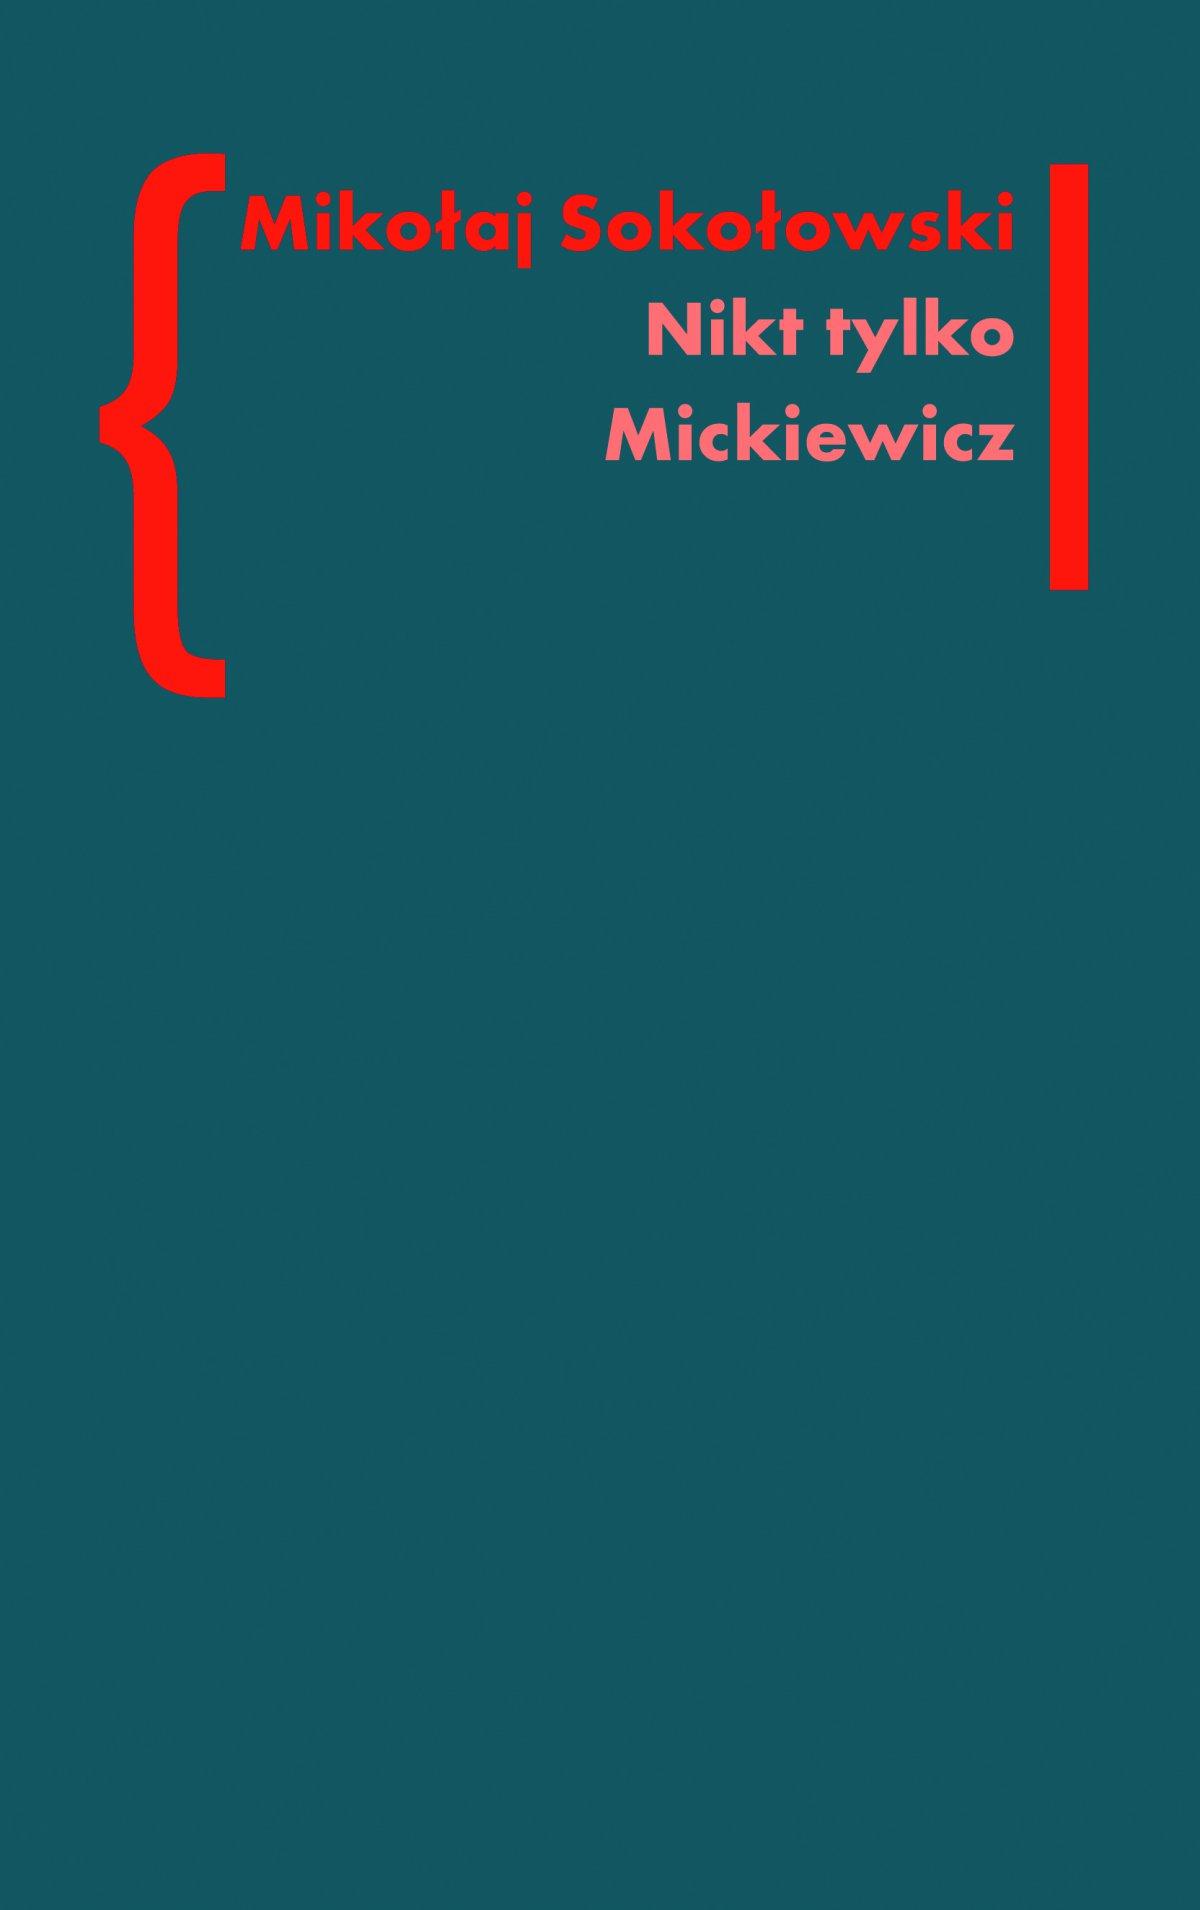 Nikt tylko Mickiewicz - Ebook (Książka EPUB) do pobrania w formacie EPUB